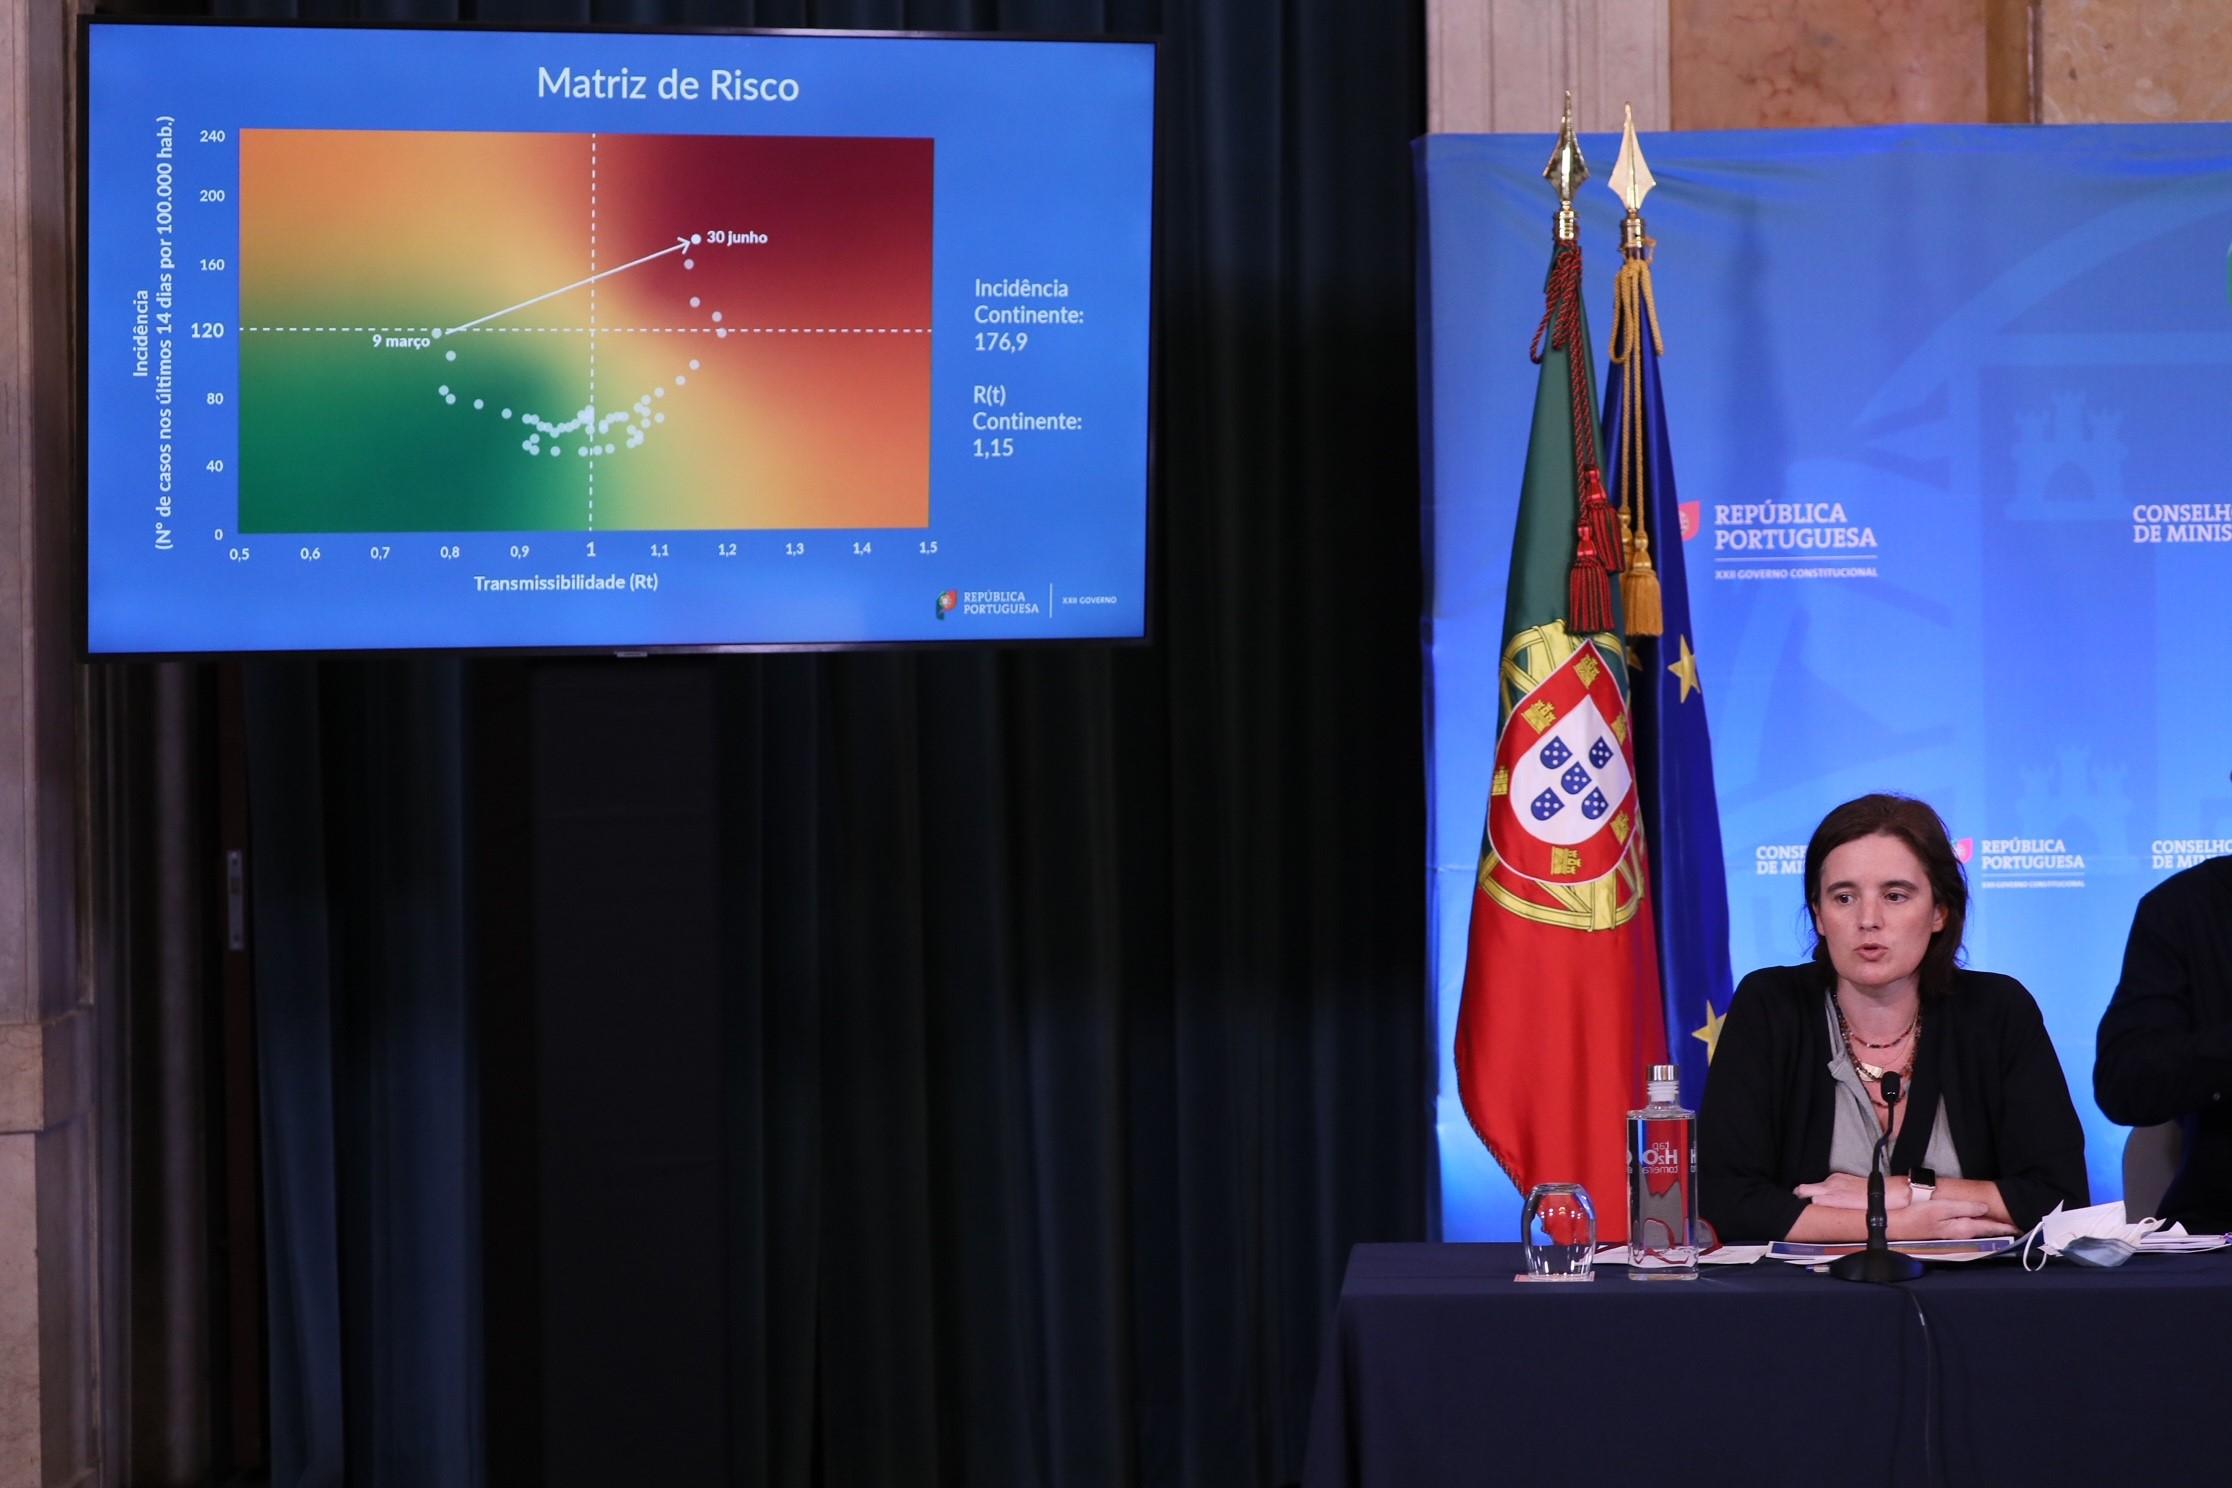 Portugalia Nowe Zasady i Regulacje Kordon Sanitarny w Lizbonie Godzina Policyjna Lipiec Sierpień Wakacje 2021 Aktualne Informacje COVID-19 Delta Plus Reportaż Pandemia